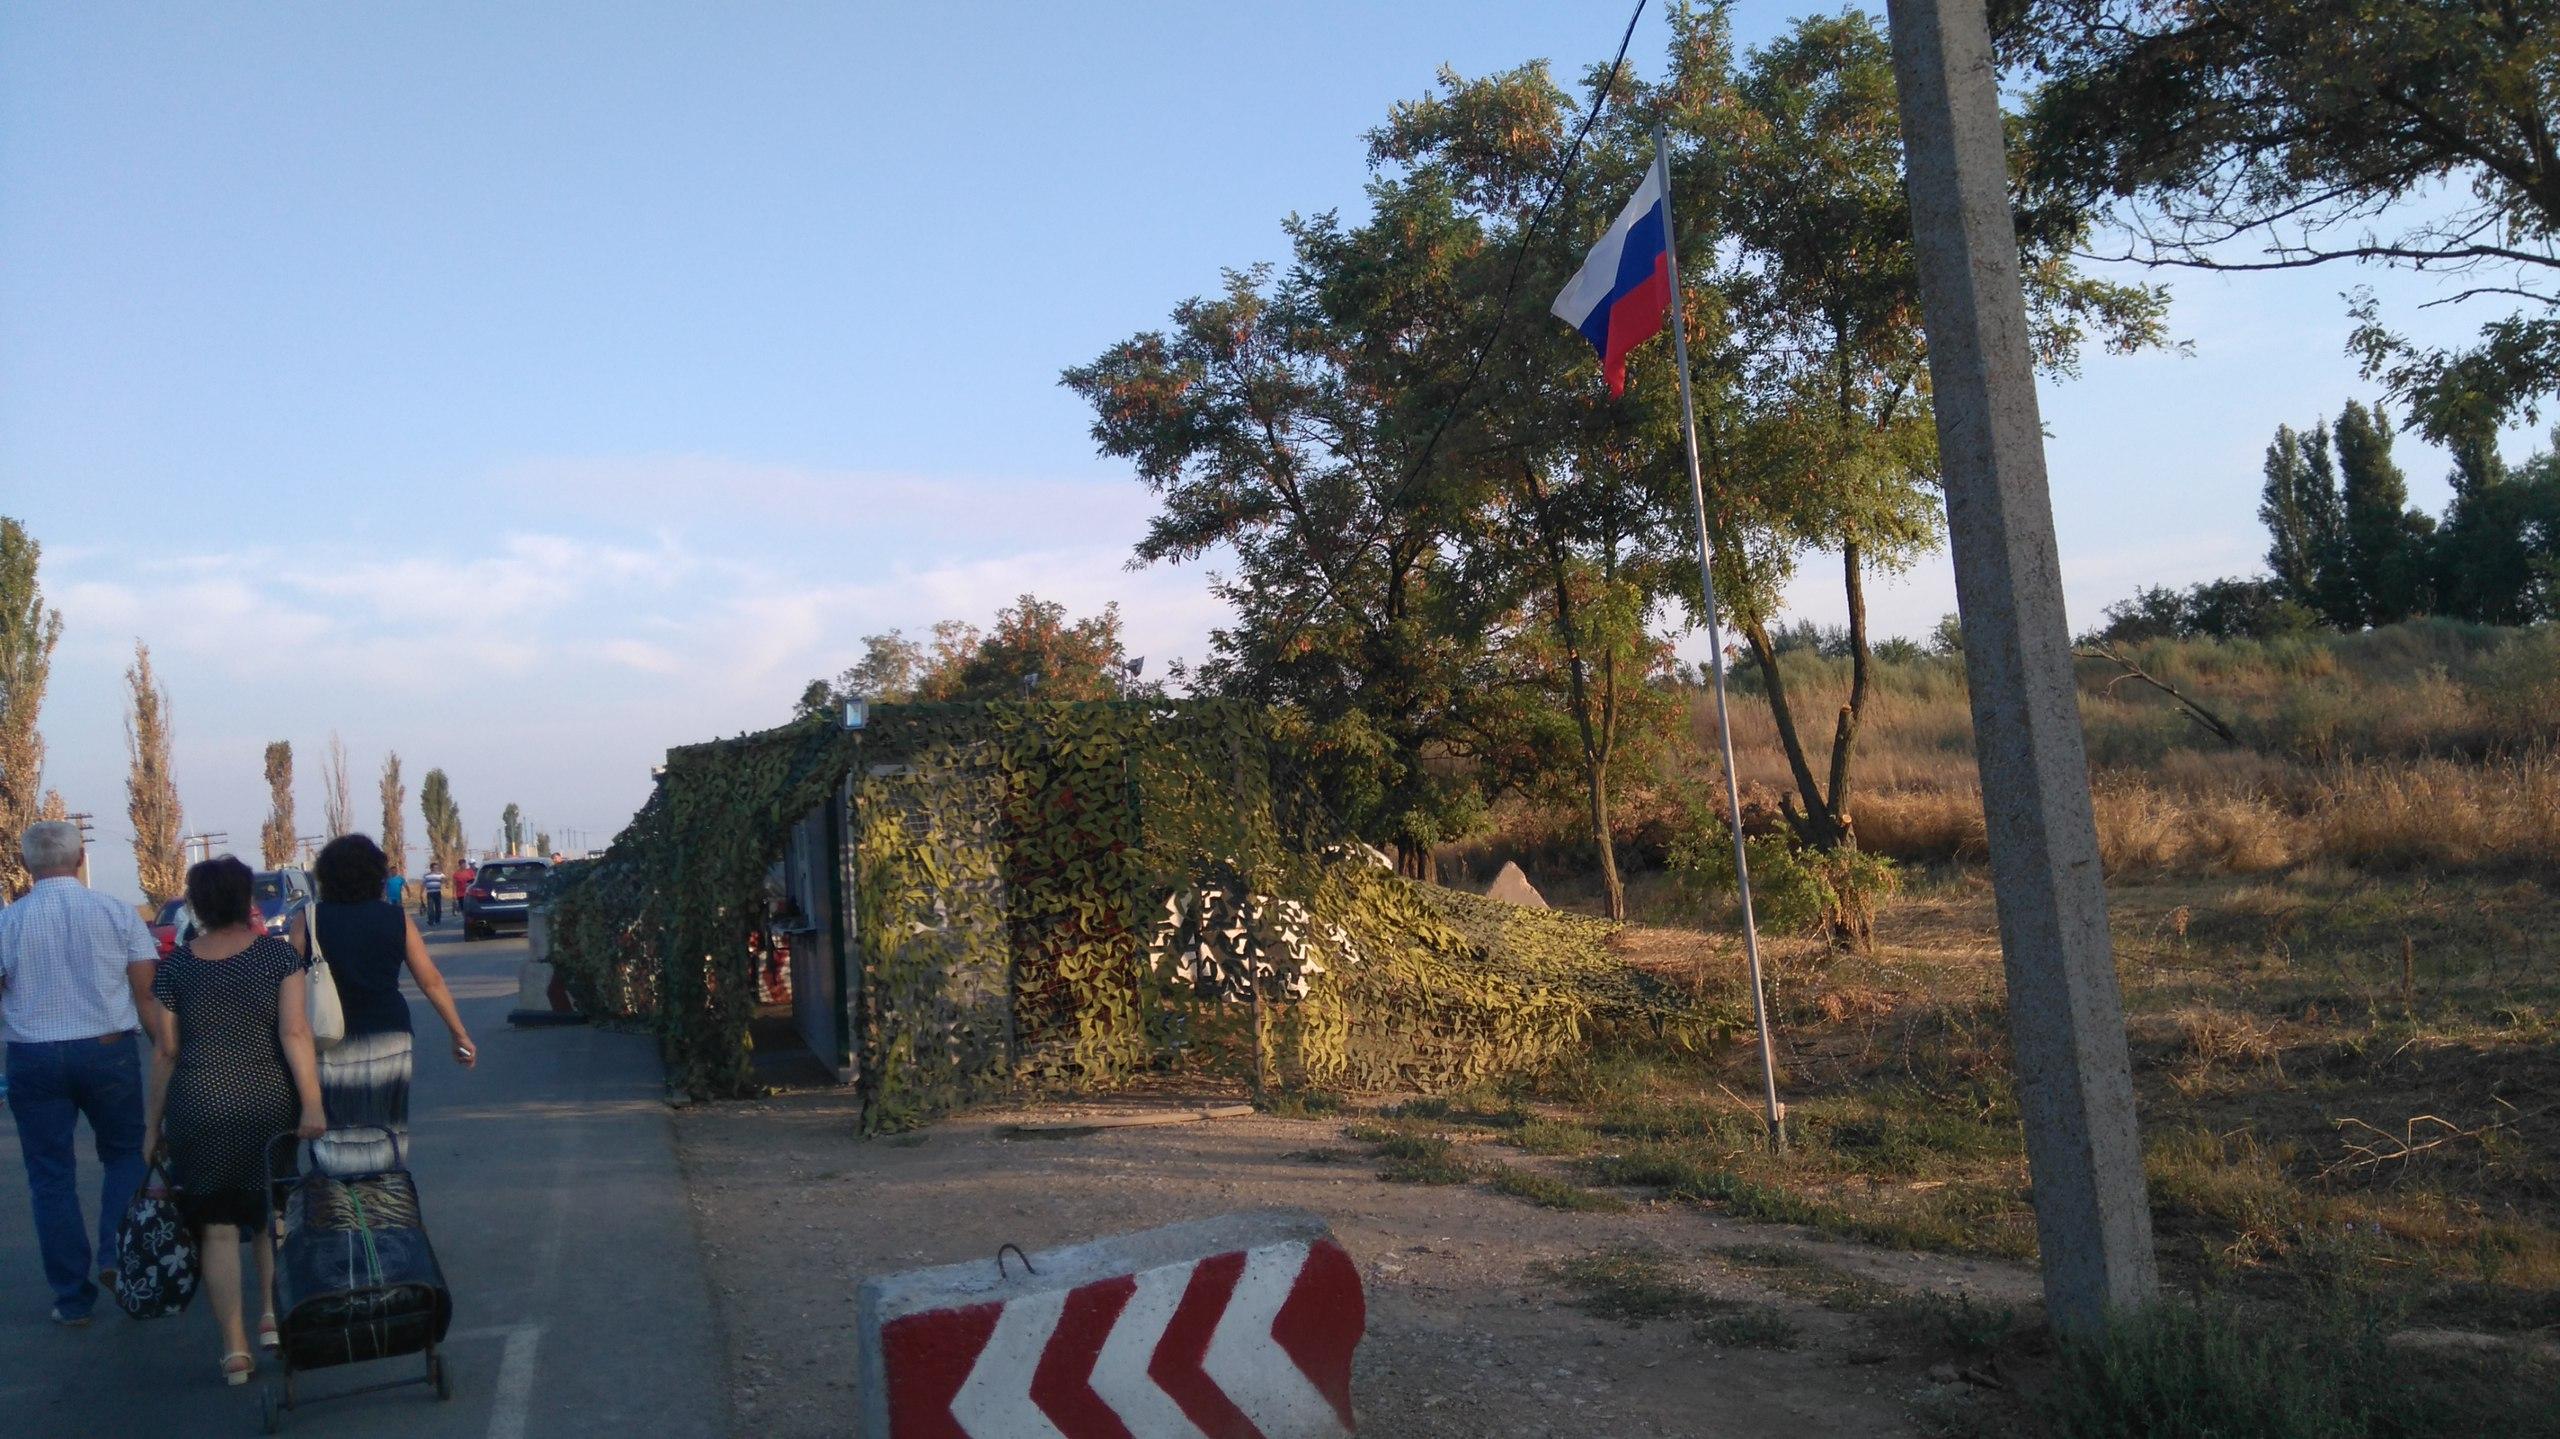 «Украина объявила нам войну» або як росіяни знущаються з туристів на КПП у Криму